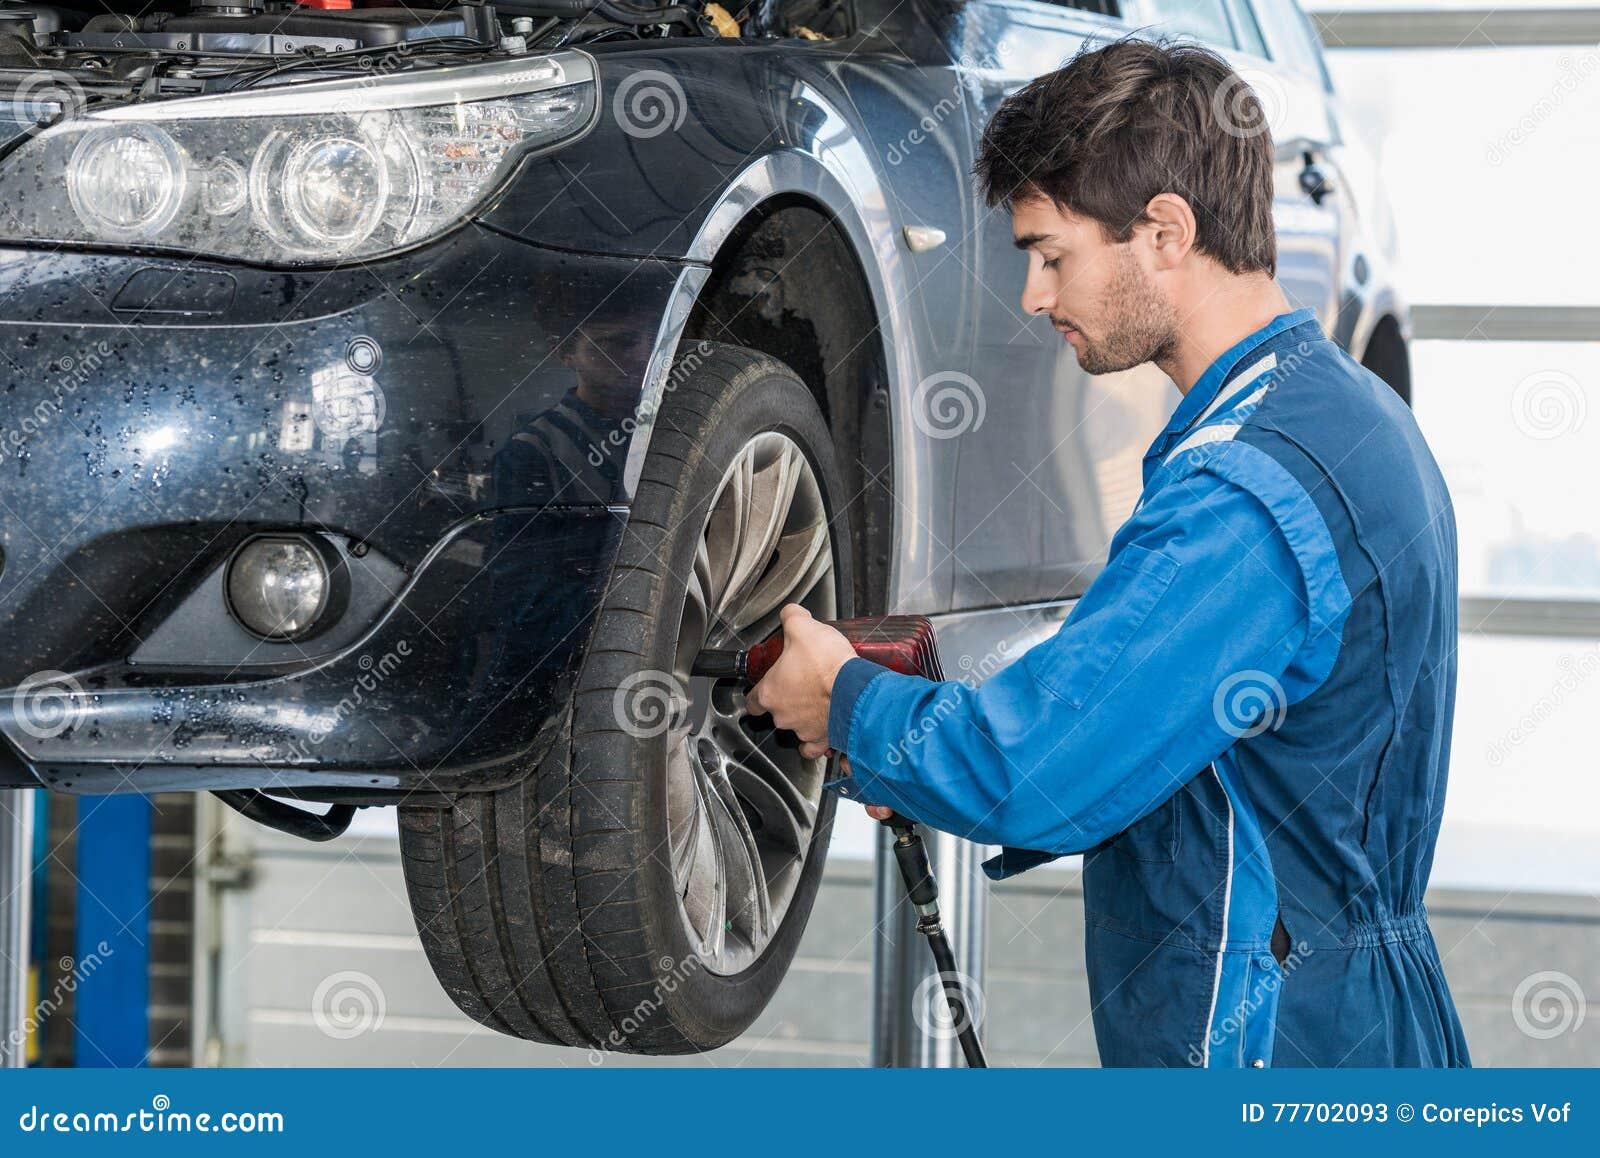 Mechanic Using Pneumatic Wrench To Fix Car Tire